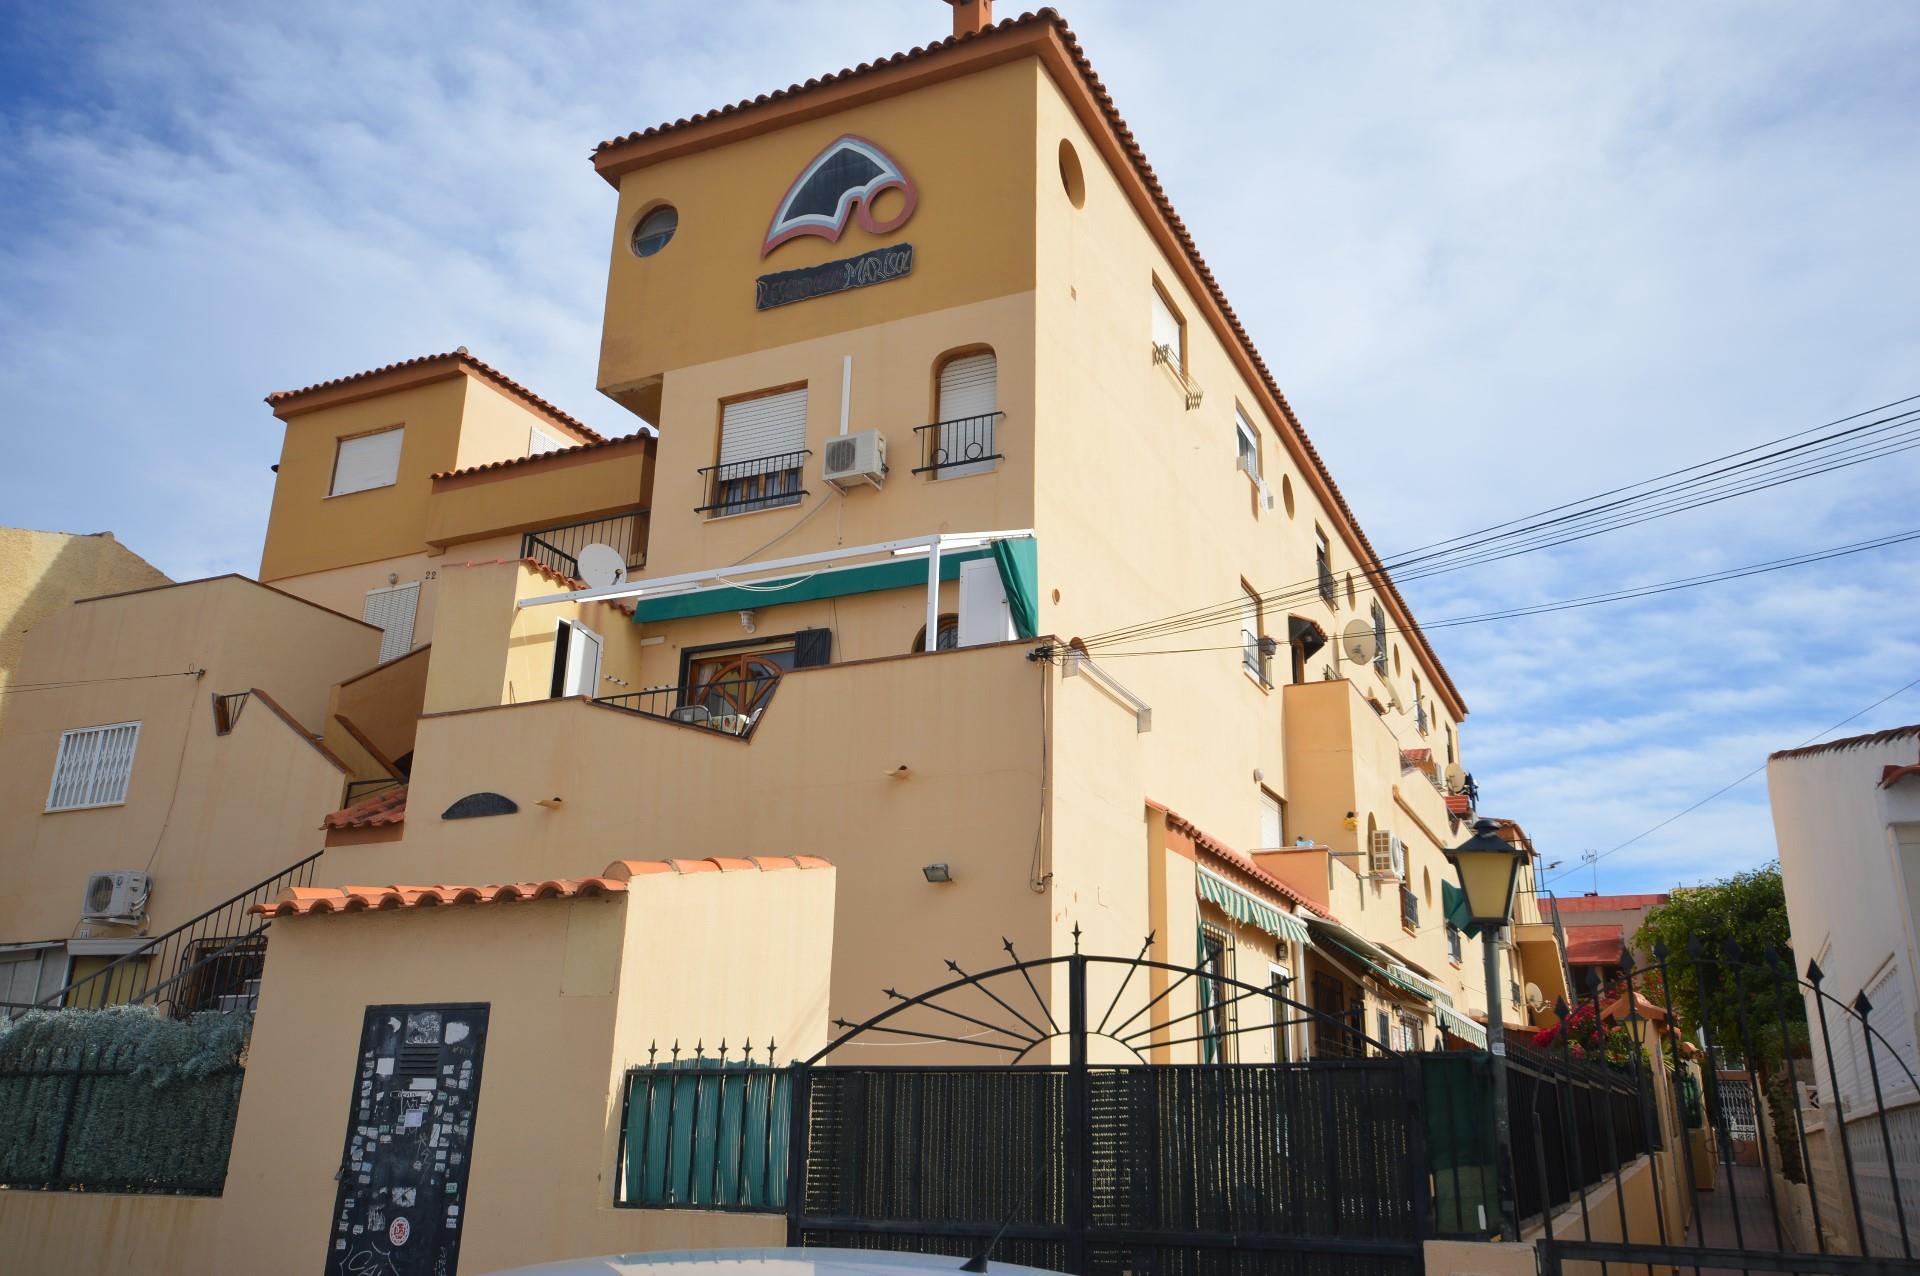 Dúplex  Calle marcelina. Nueva torrevieja - aguas nuevas / calle marcelina